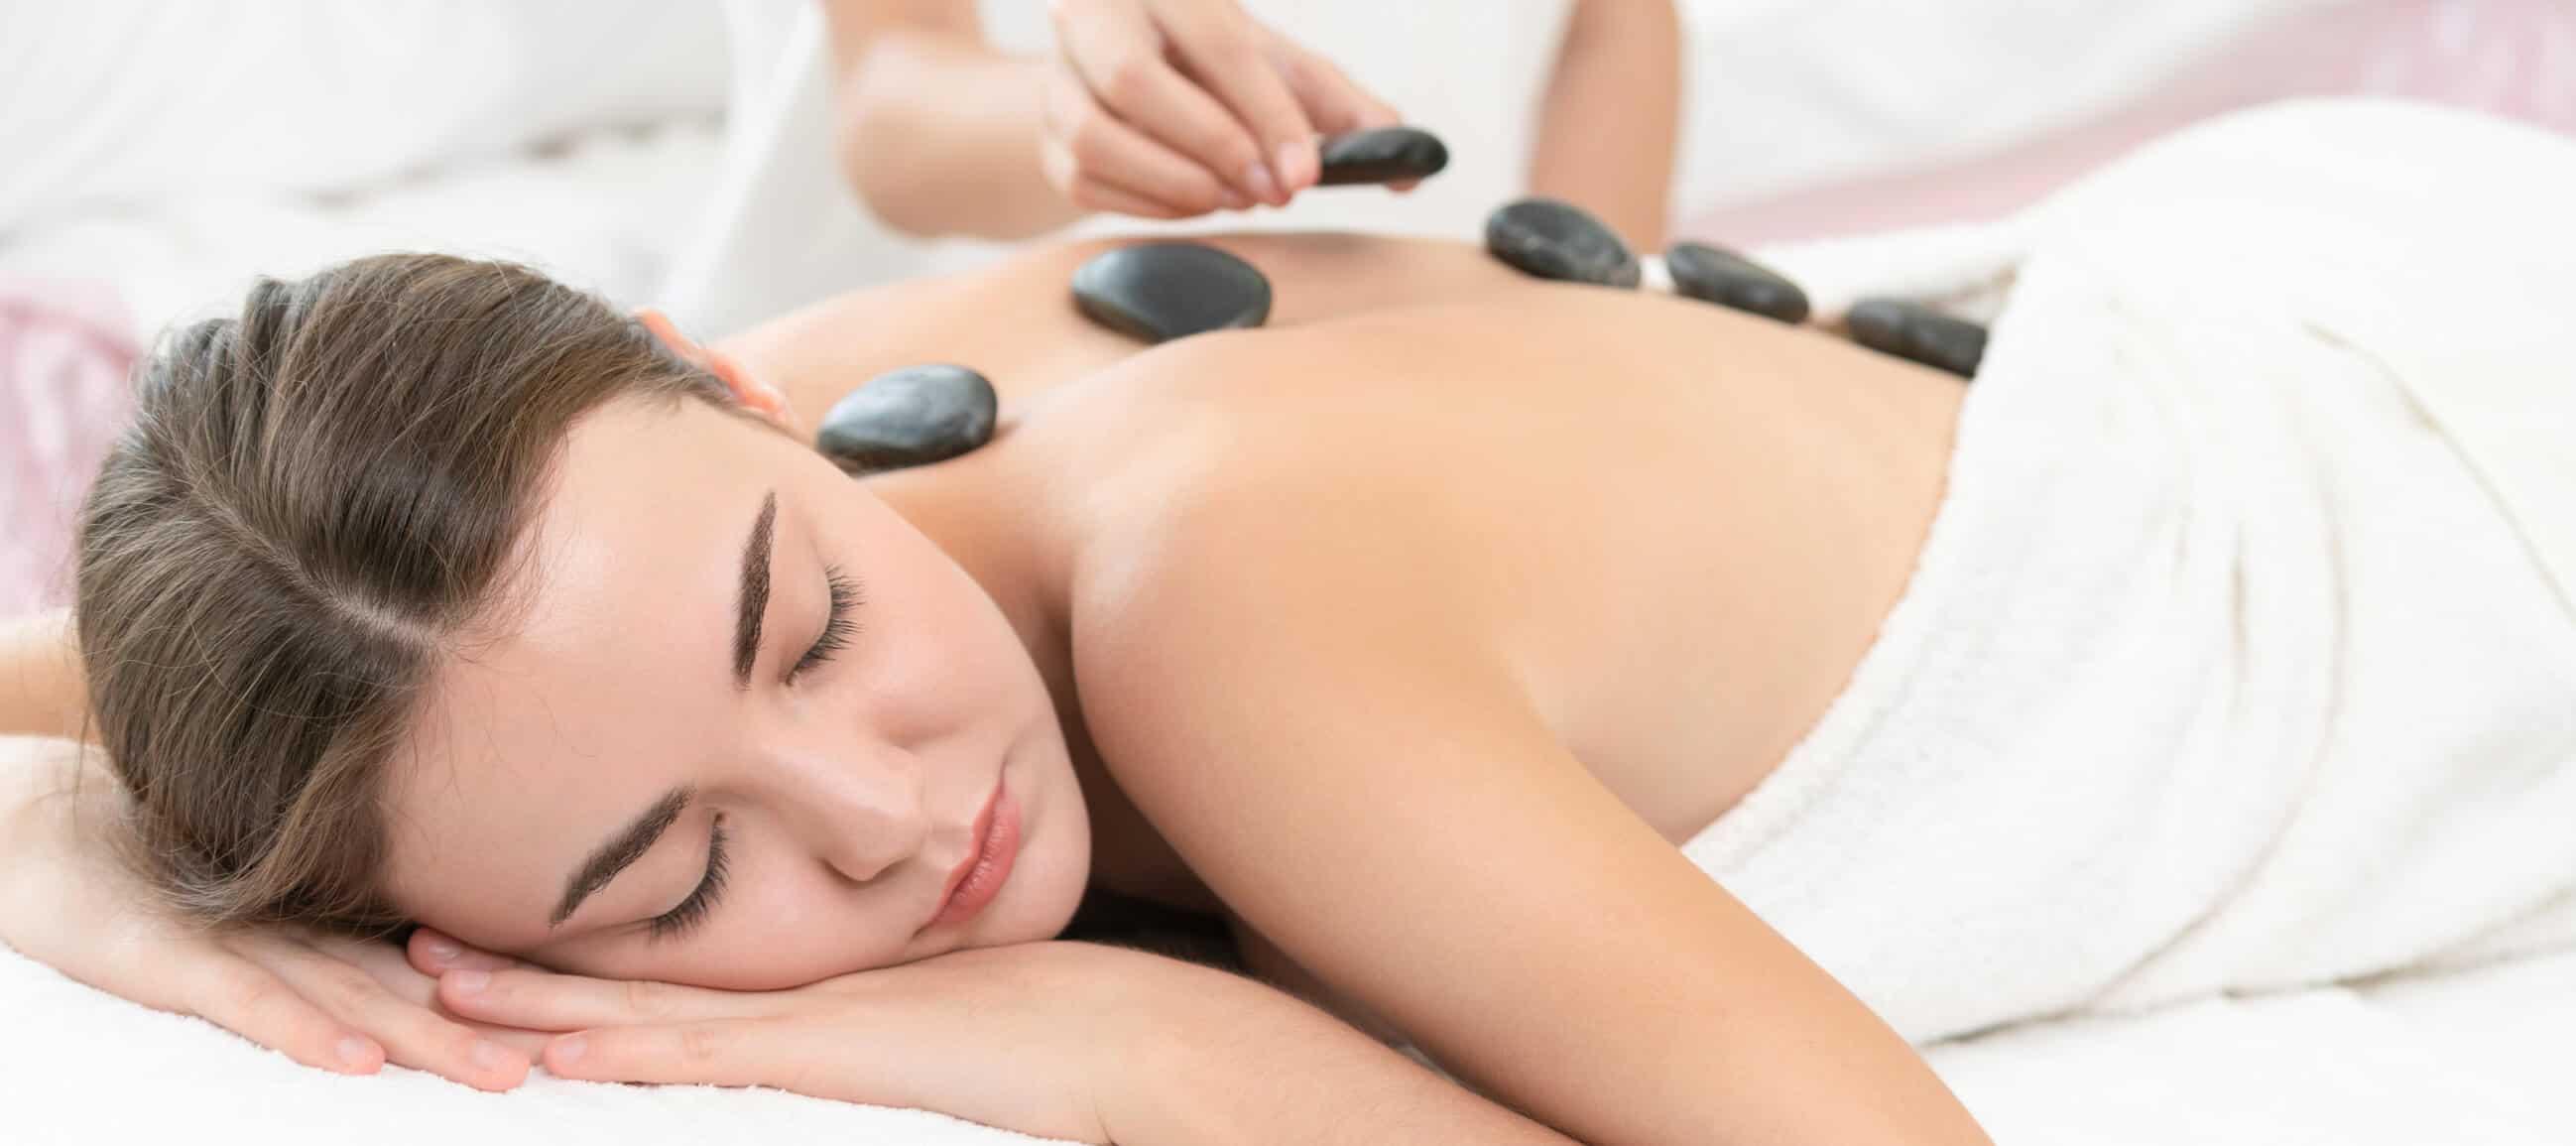 Bei der Hot-Stone-Massage werden erwärmte Vulkansteine auf die eingeölte Haut gelegt und anschließend die Muskeln sanft massiert.